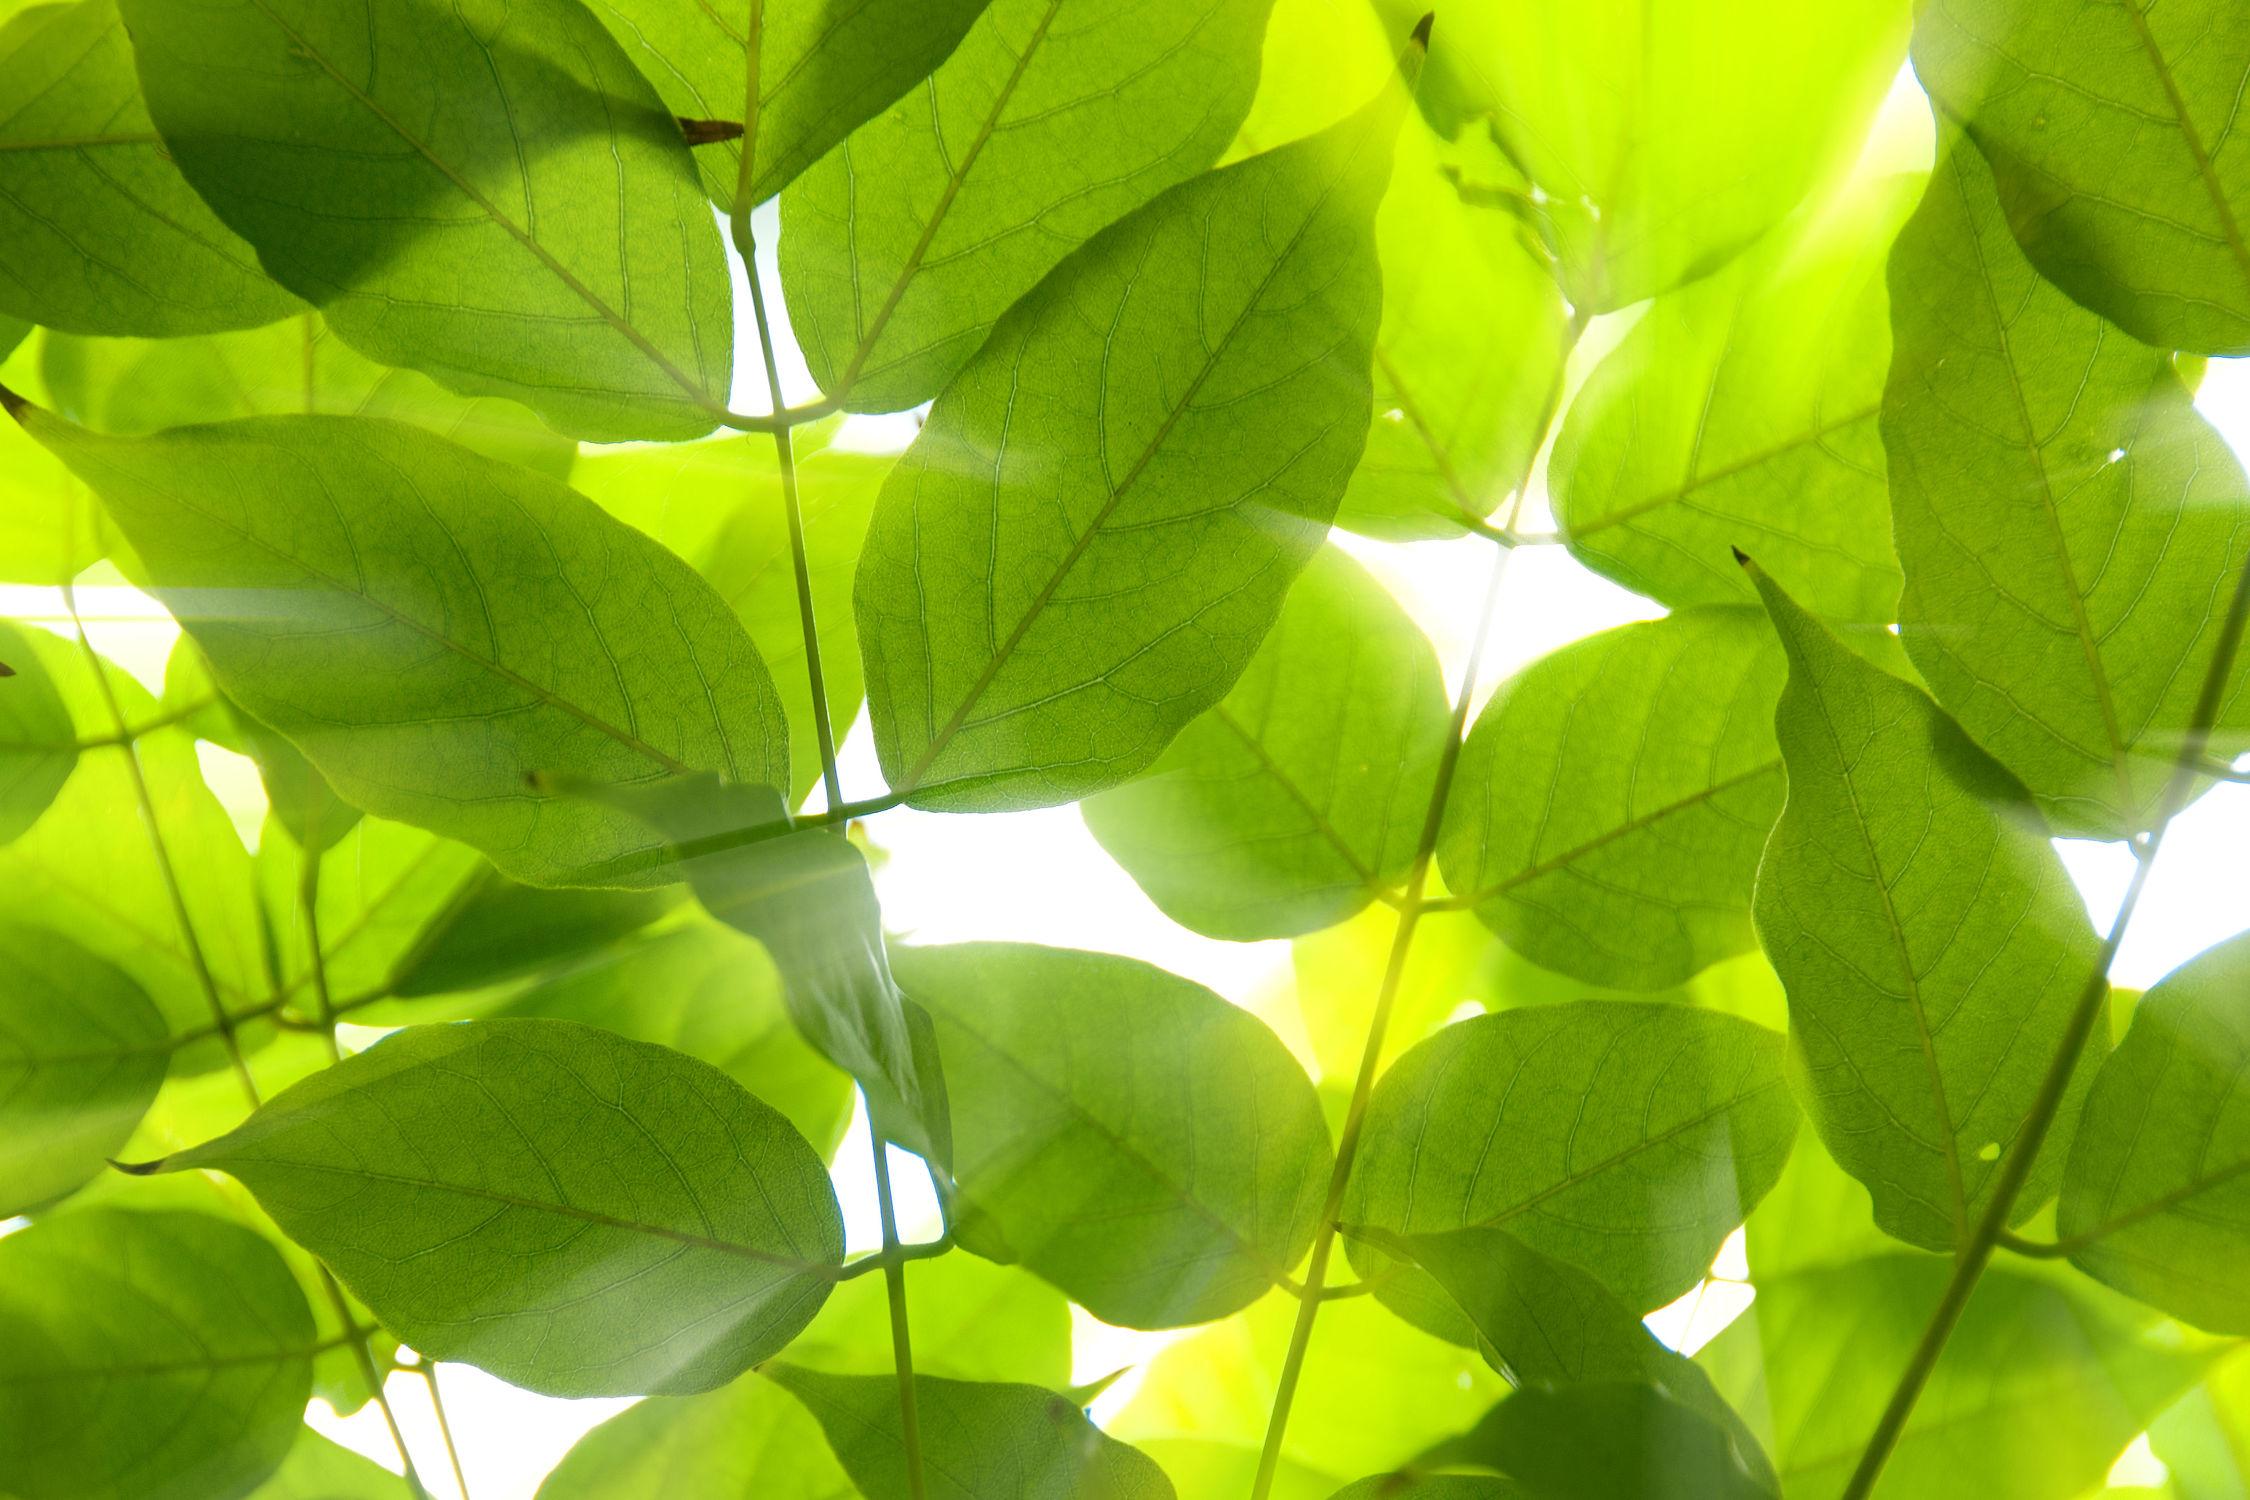 Bild mit Natur, Pflanzen, Blumen, Sommer, Blätter, Blume, Pflanze, Blatt, Blüten, blüte, Laub